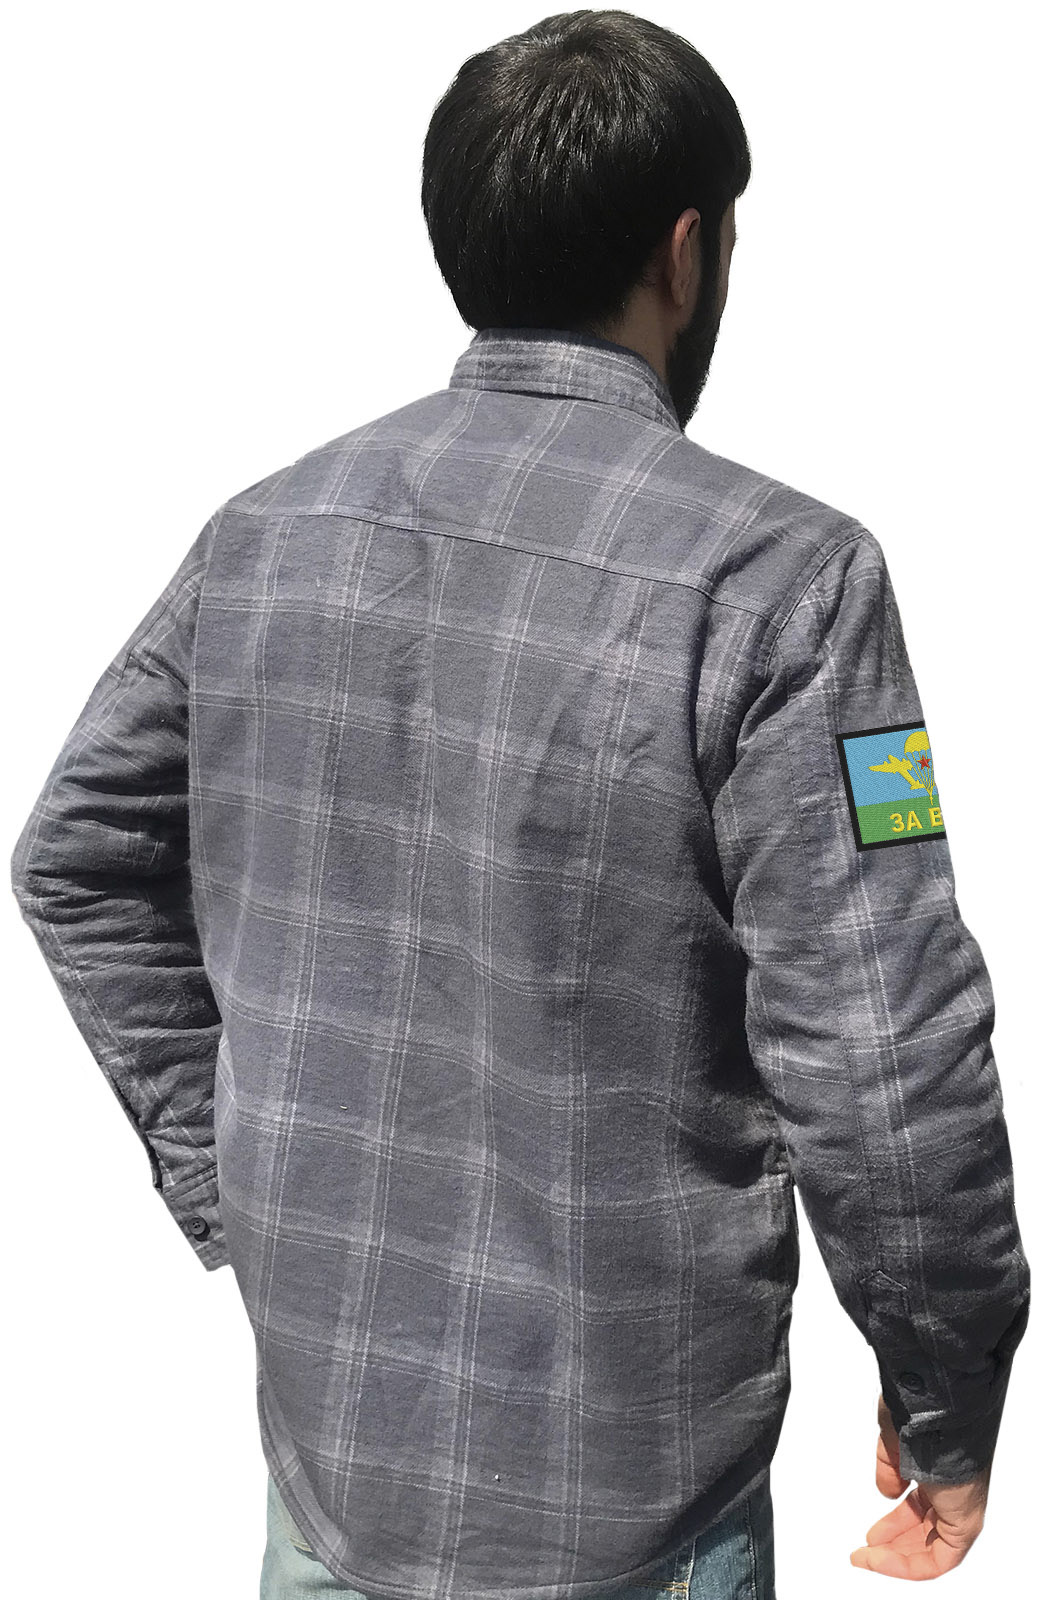 Купить практичную серую рубашку с вышитым шевроном За ВДВ с доставкой онлайн